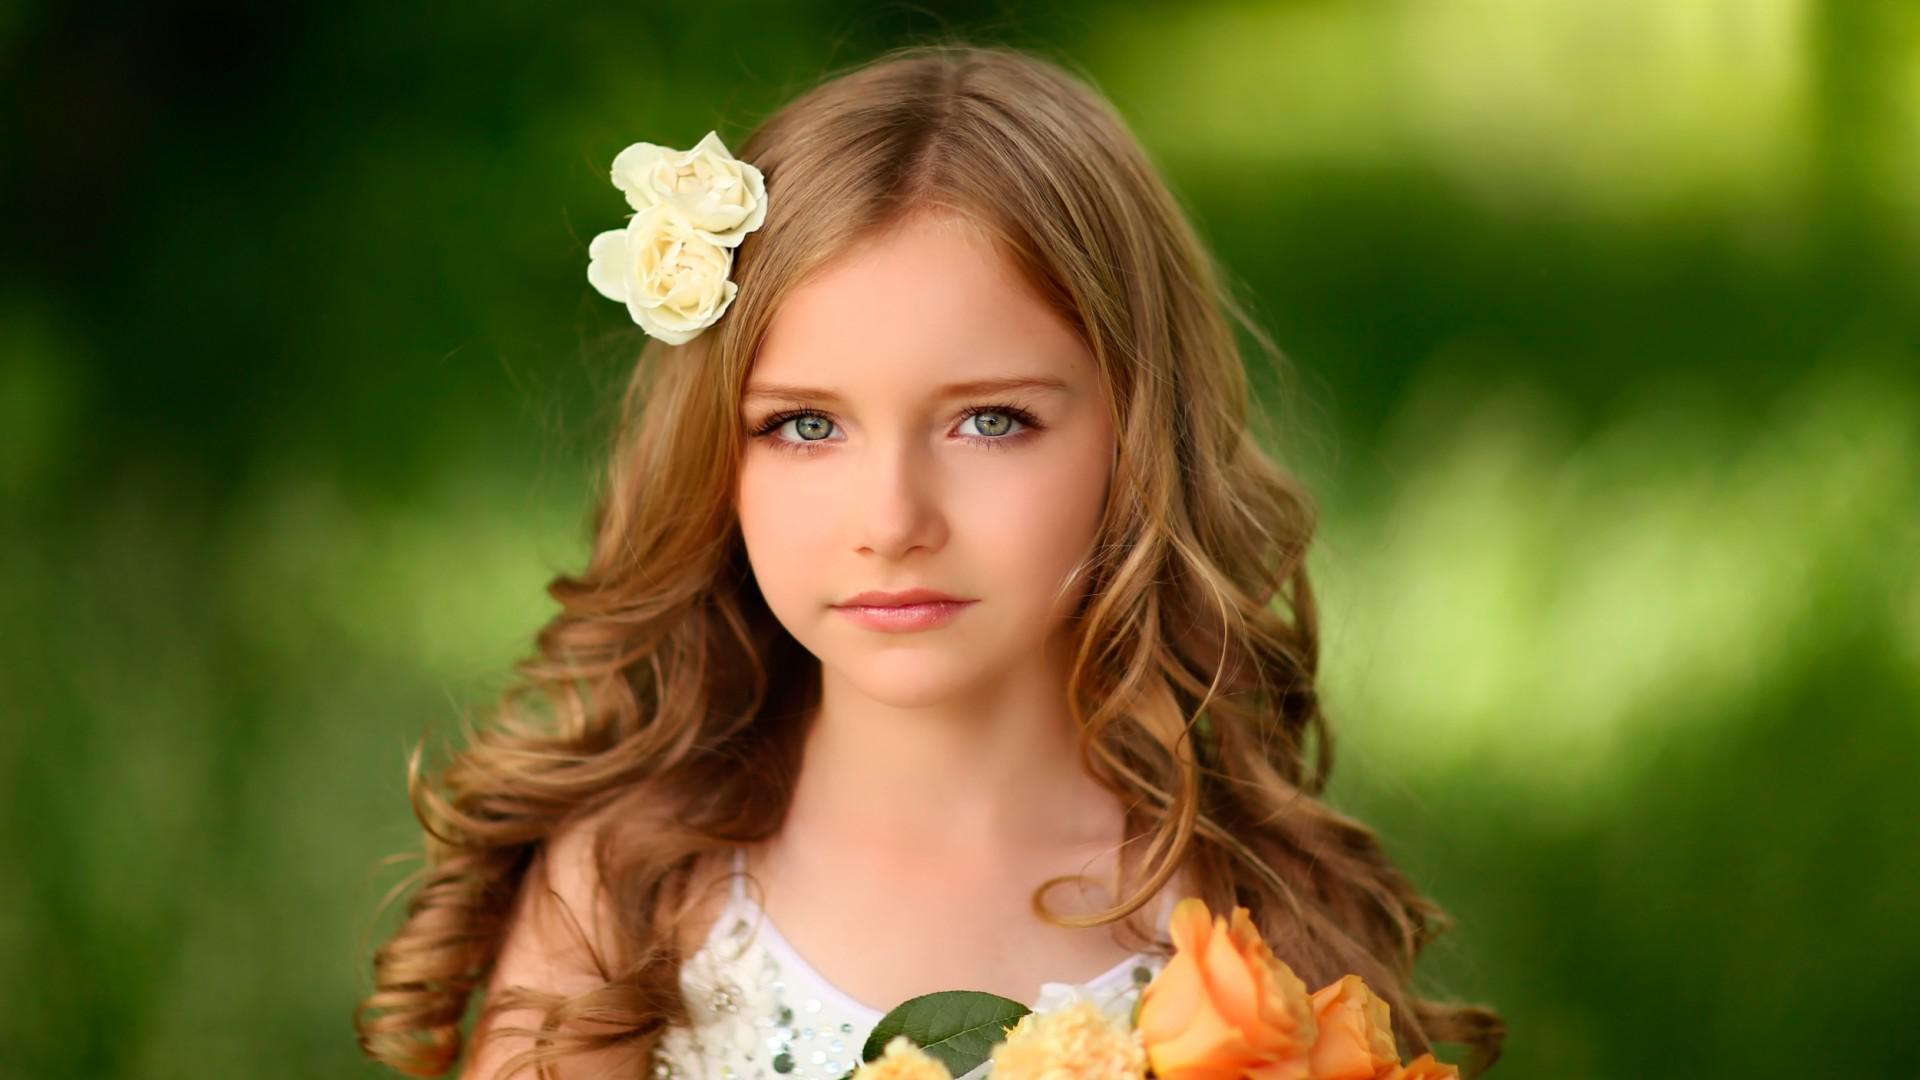 cute little girl wallpaper